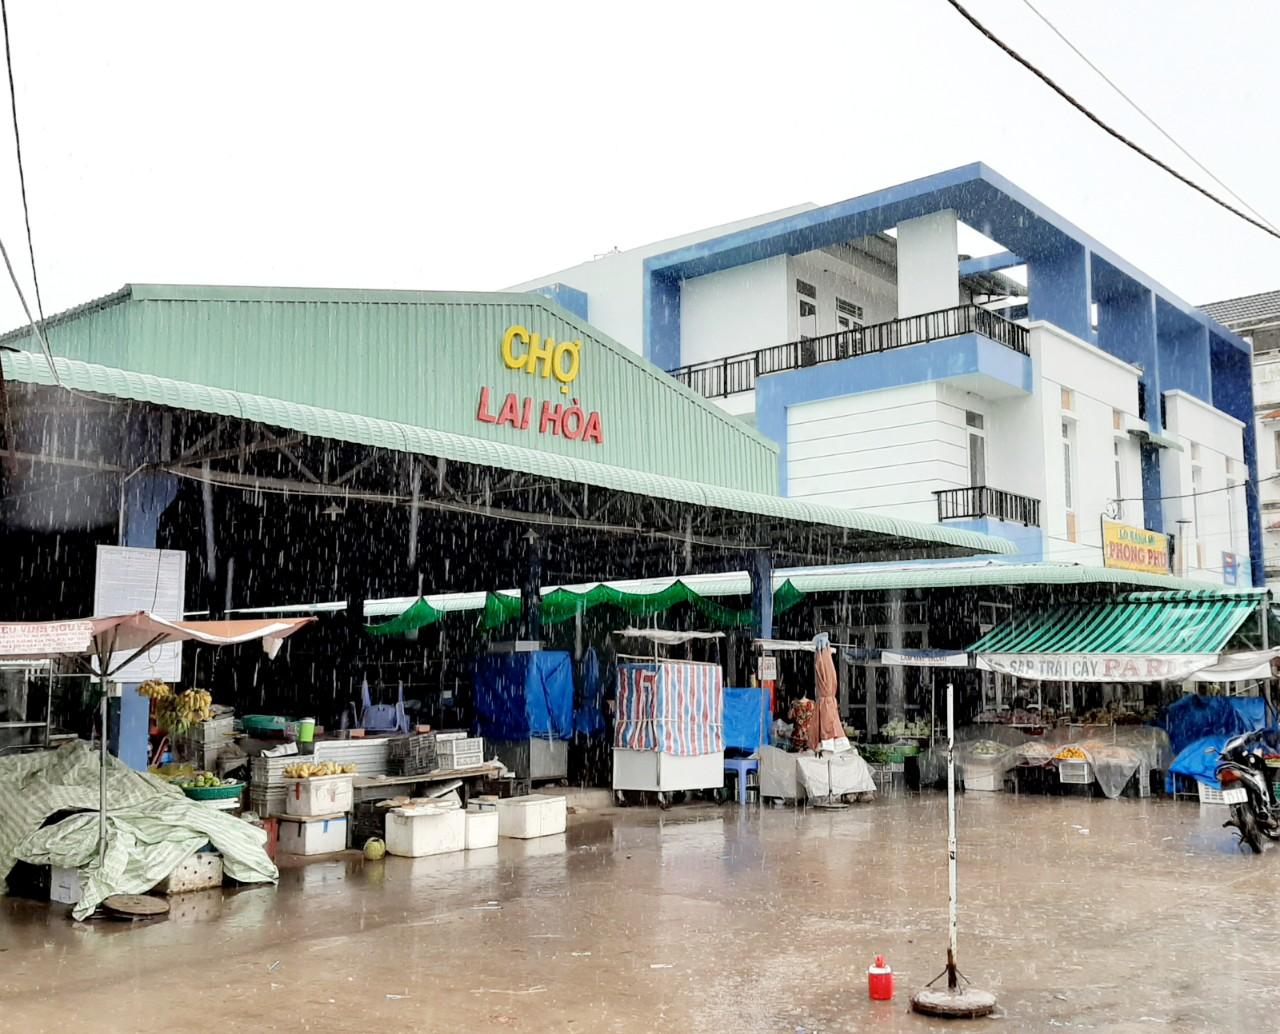 Toàn bộ xã Lai Hòa bị cách ly y tế với trên 27 ngàn dân